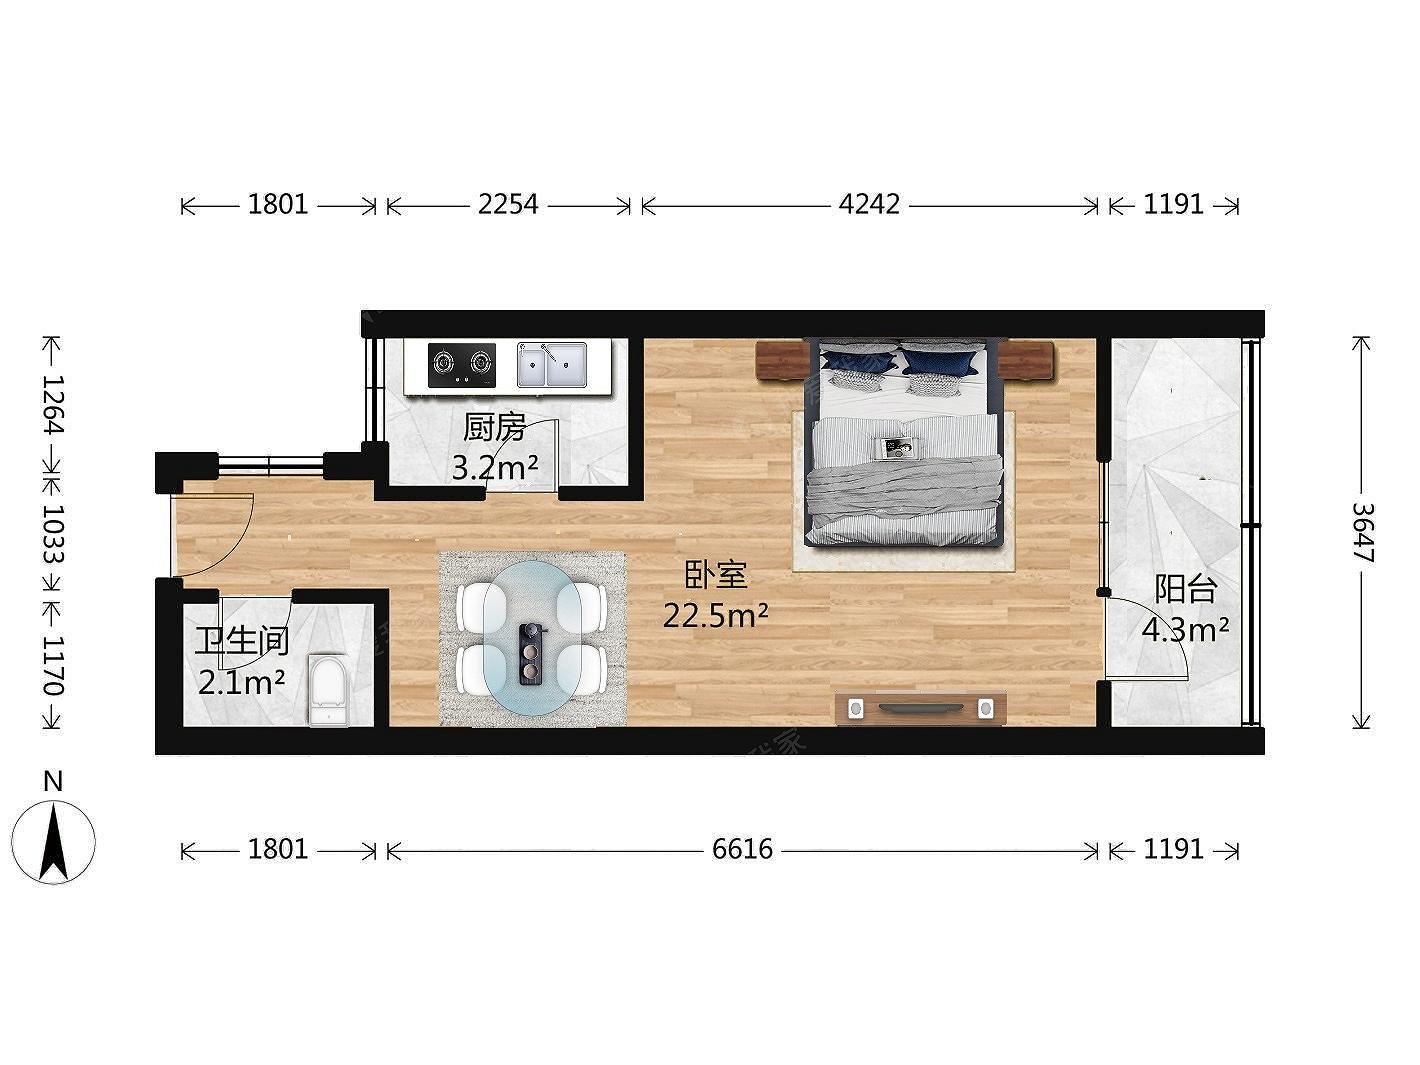 正规一居室,低楼层,采光无遮挡